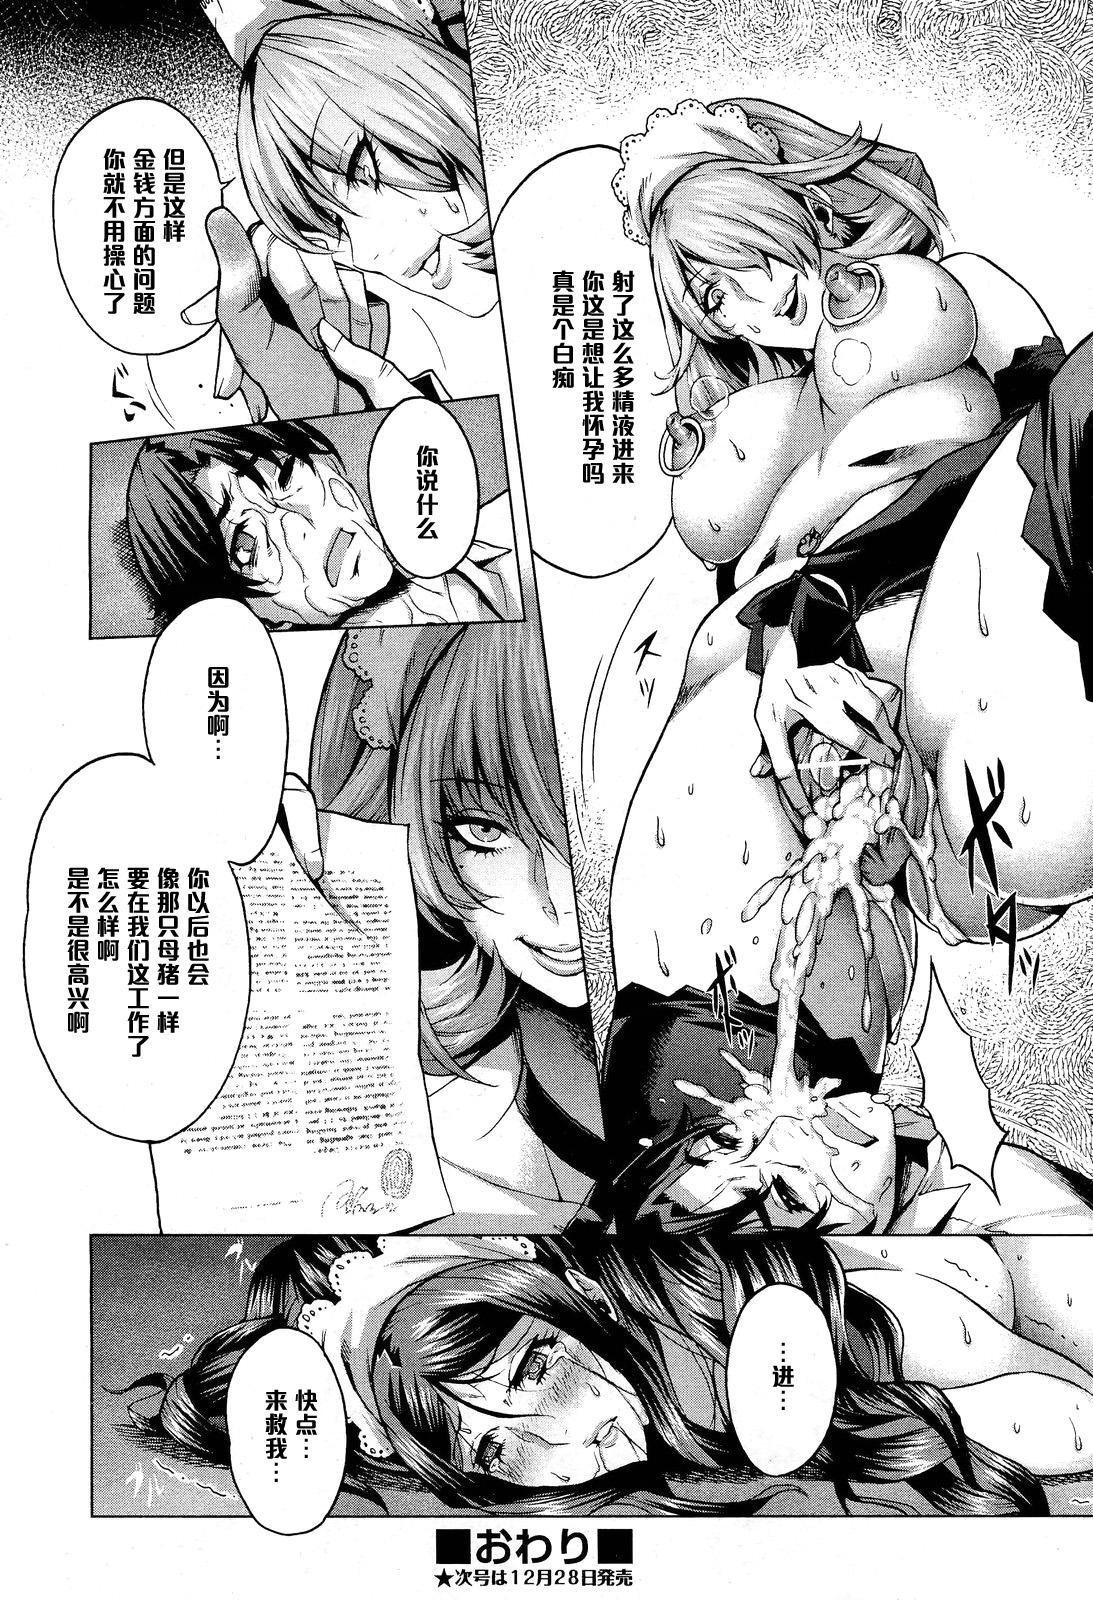 Koufuku no Daishou 27